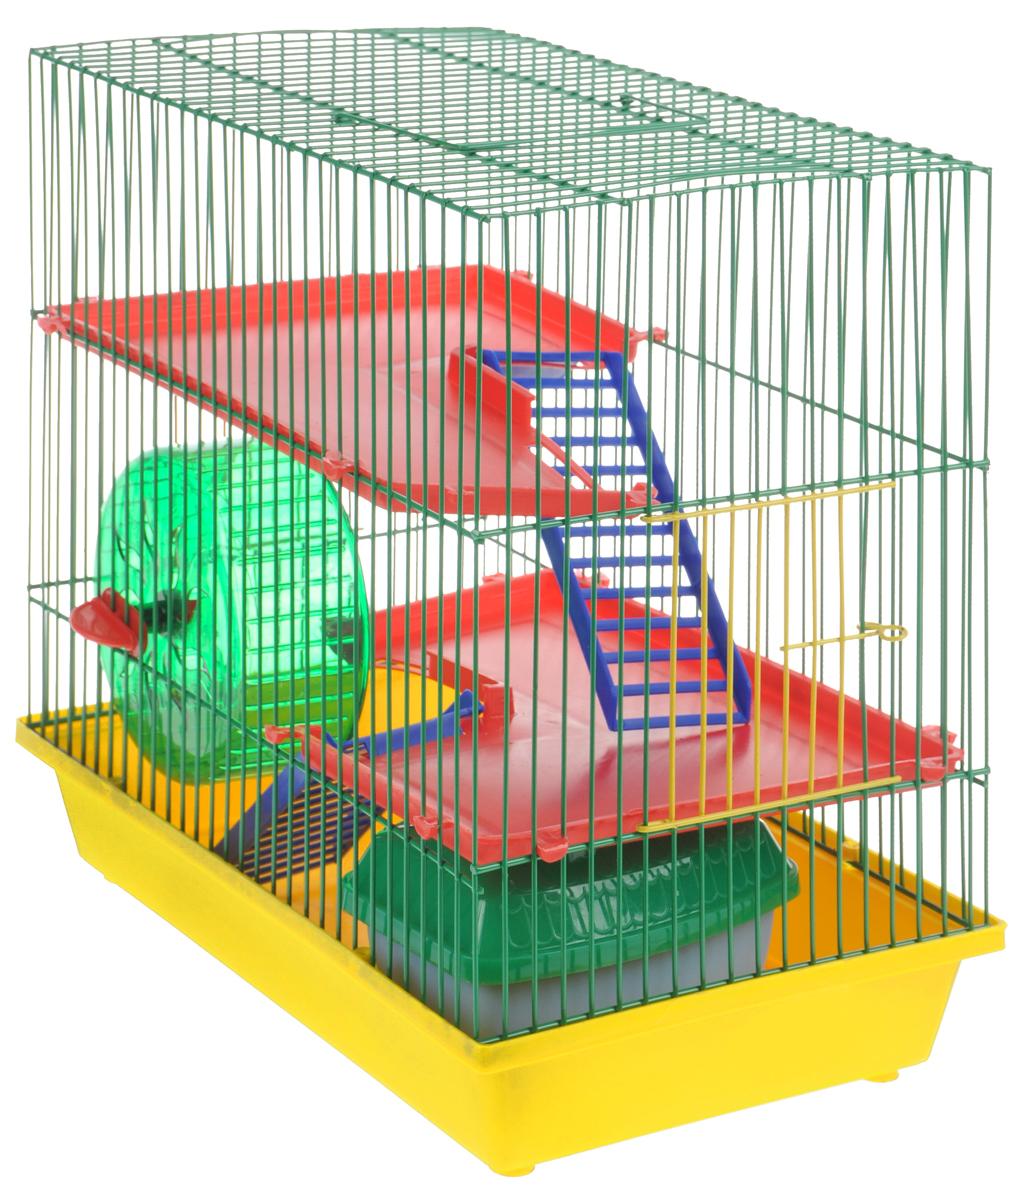 Клетка для грызунов ЗооМарк, 3-этажная, цвет: желтый поддон, зеленая решетка, красные этажи, 36 х 22,5 х 34 см. 135135ЖЗКлетка ЗооМарк, выполненная из полипропилена и металла, подходит для мелких грызунов. Изделие трехэтажное, оборудовано колесом для подвижных игр и пластиковым домиком. Клетка имеет яркий поддон, удобна в использовании и легко чистится. Сверху имеется ручка для переноски. Такая клетка станет уединенным личным пространством и уютным домиком для маленького грызуна.